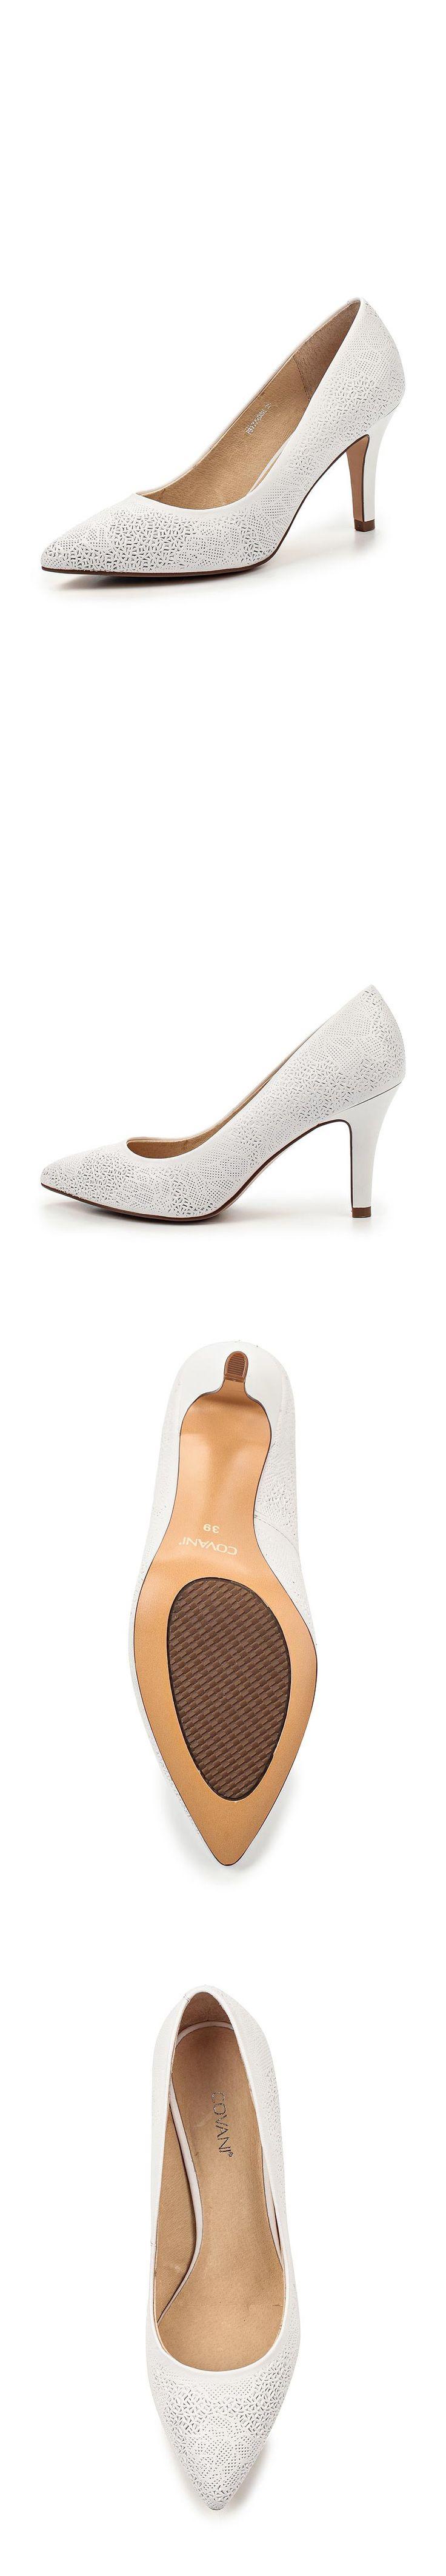 Женская обувь туфли Covani за 8699.00 руб.